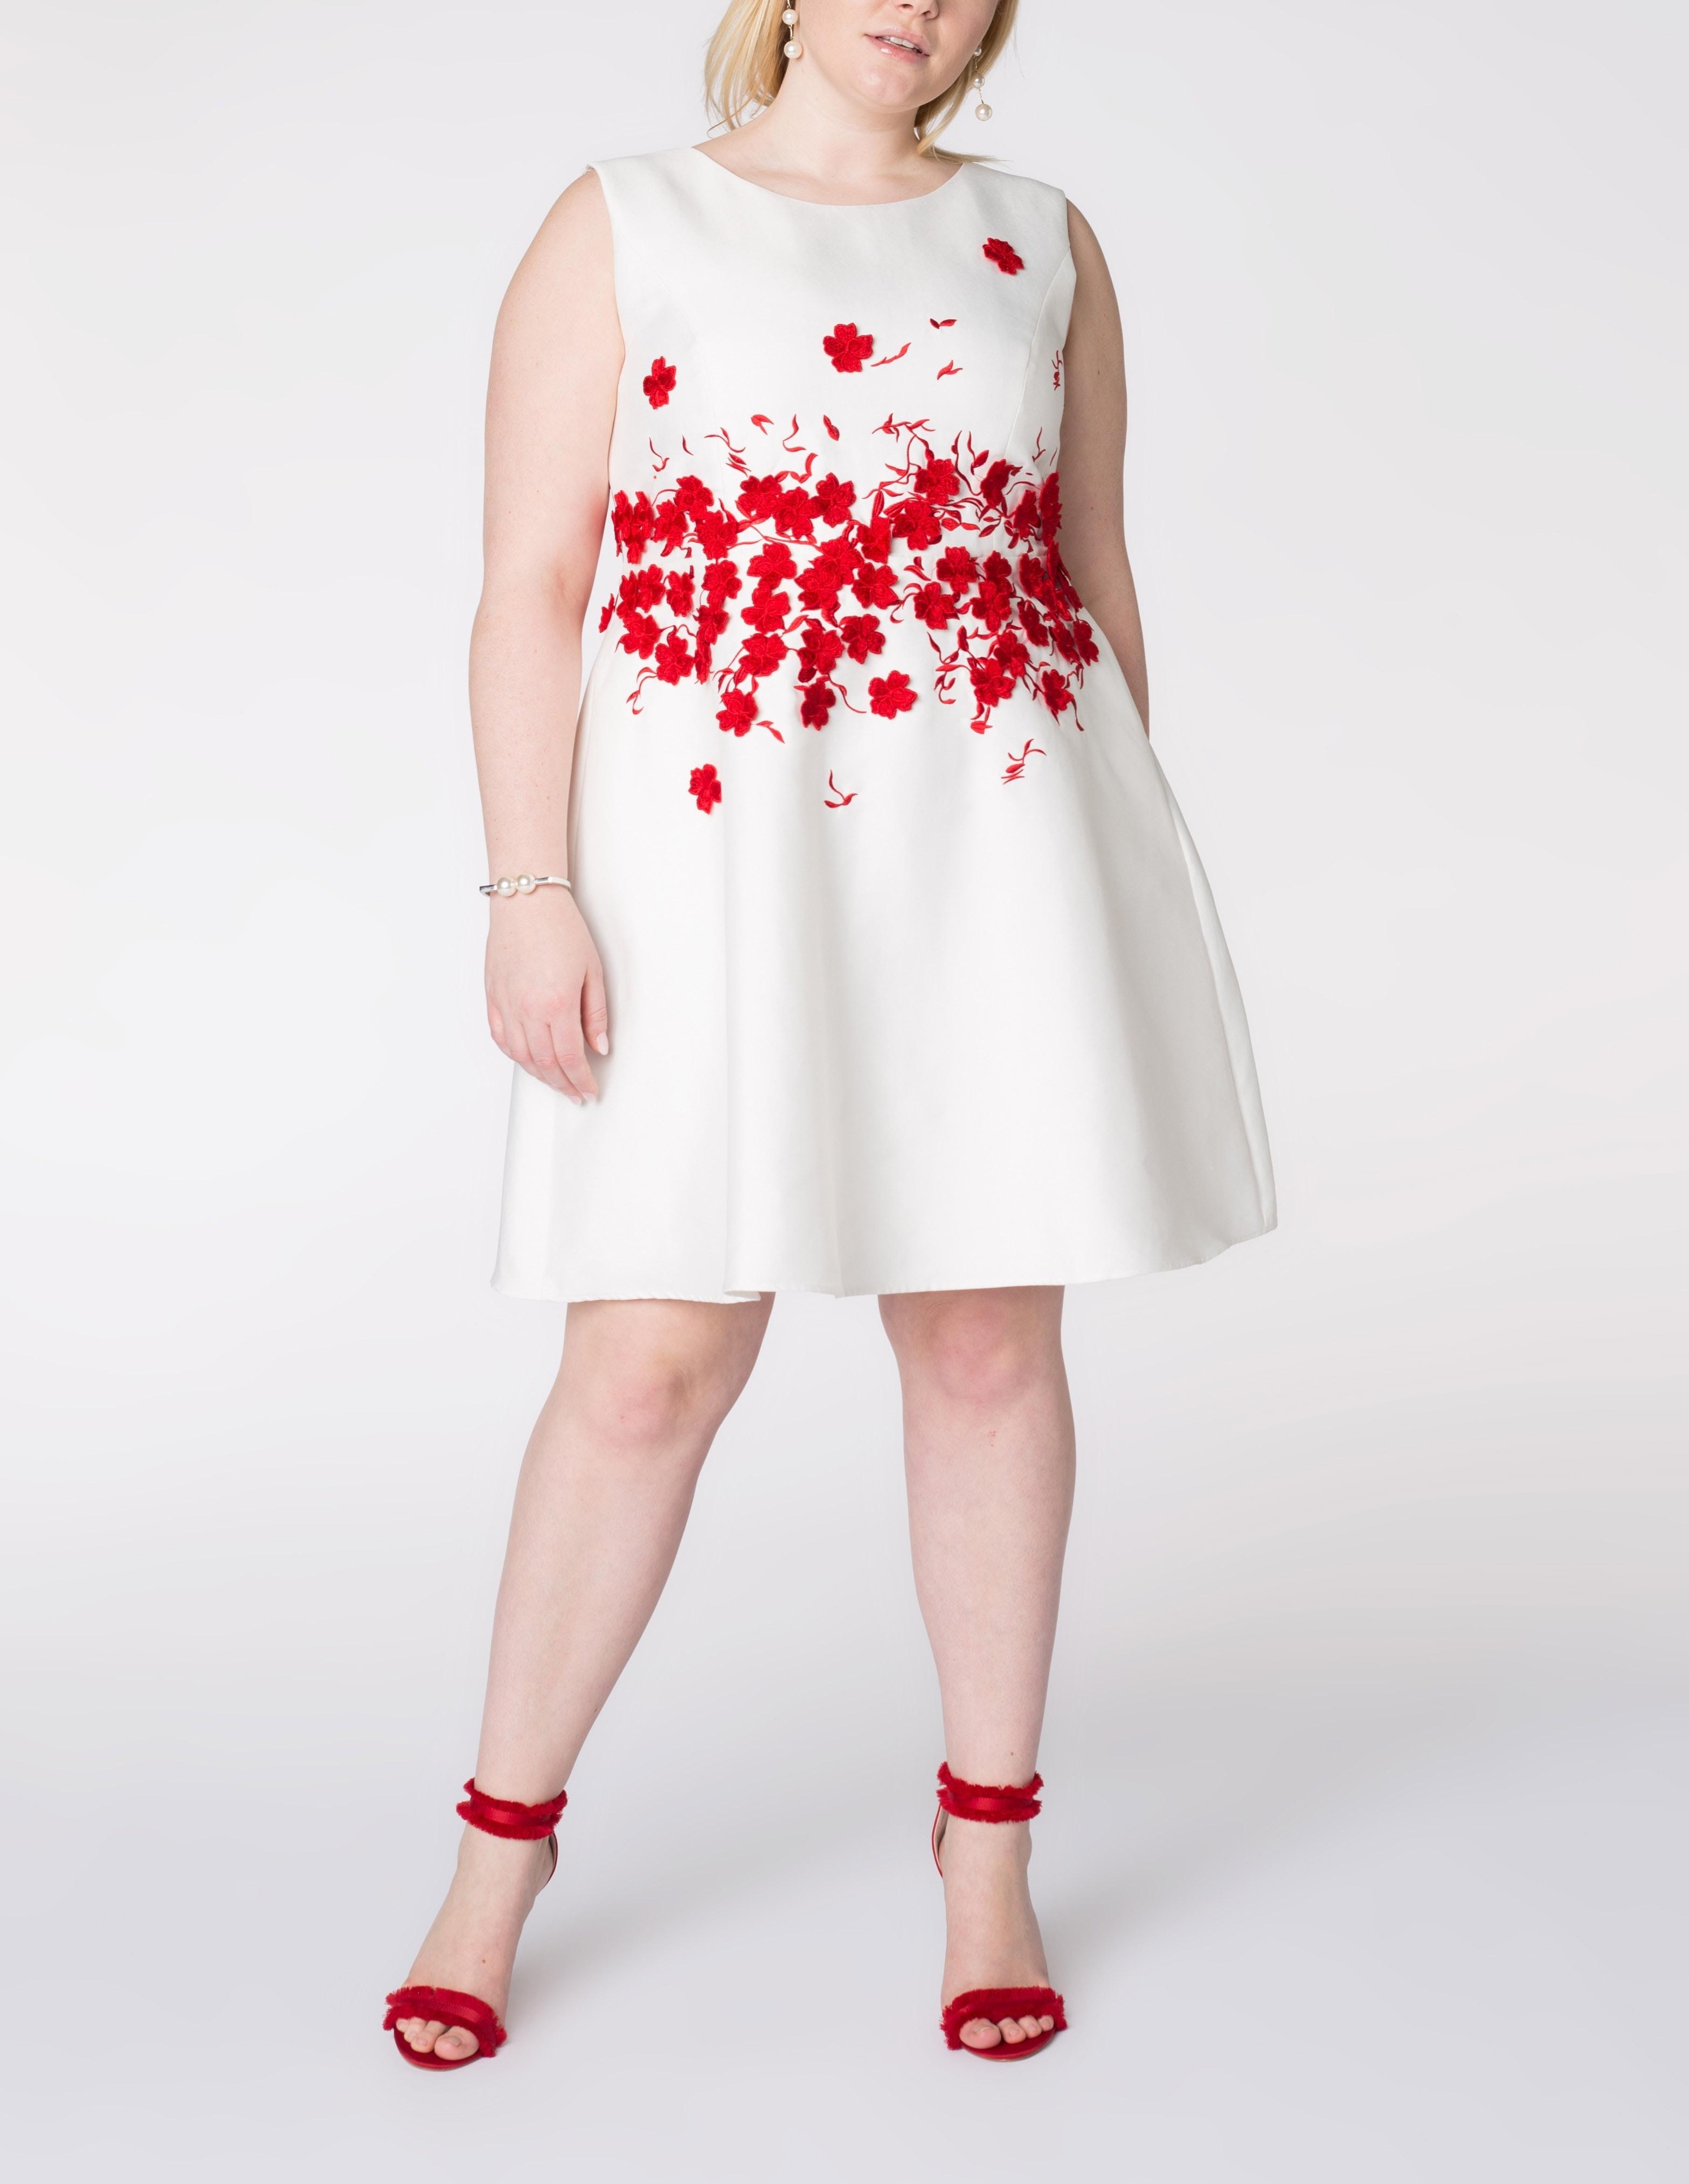 Formal Cool Apart Kleider Stylish10 Großartig Apart Kleider Vertrieb